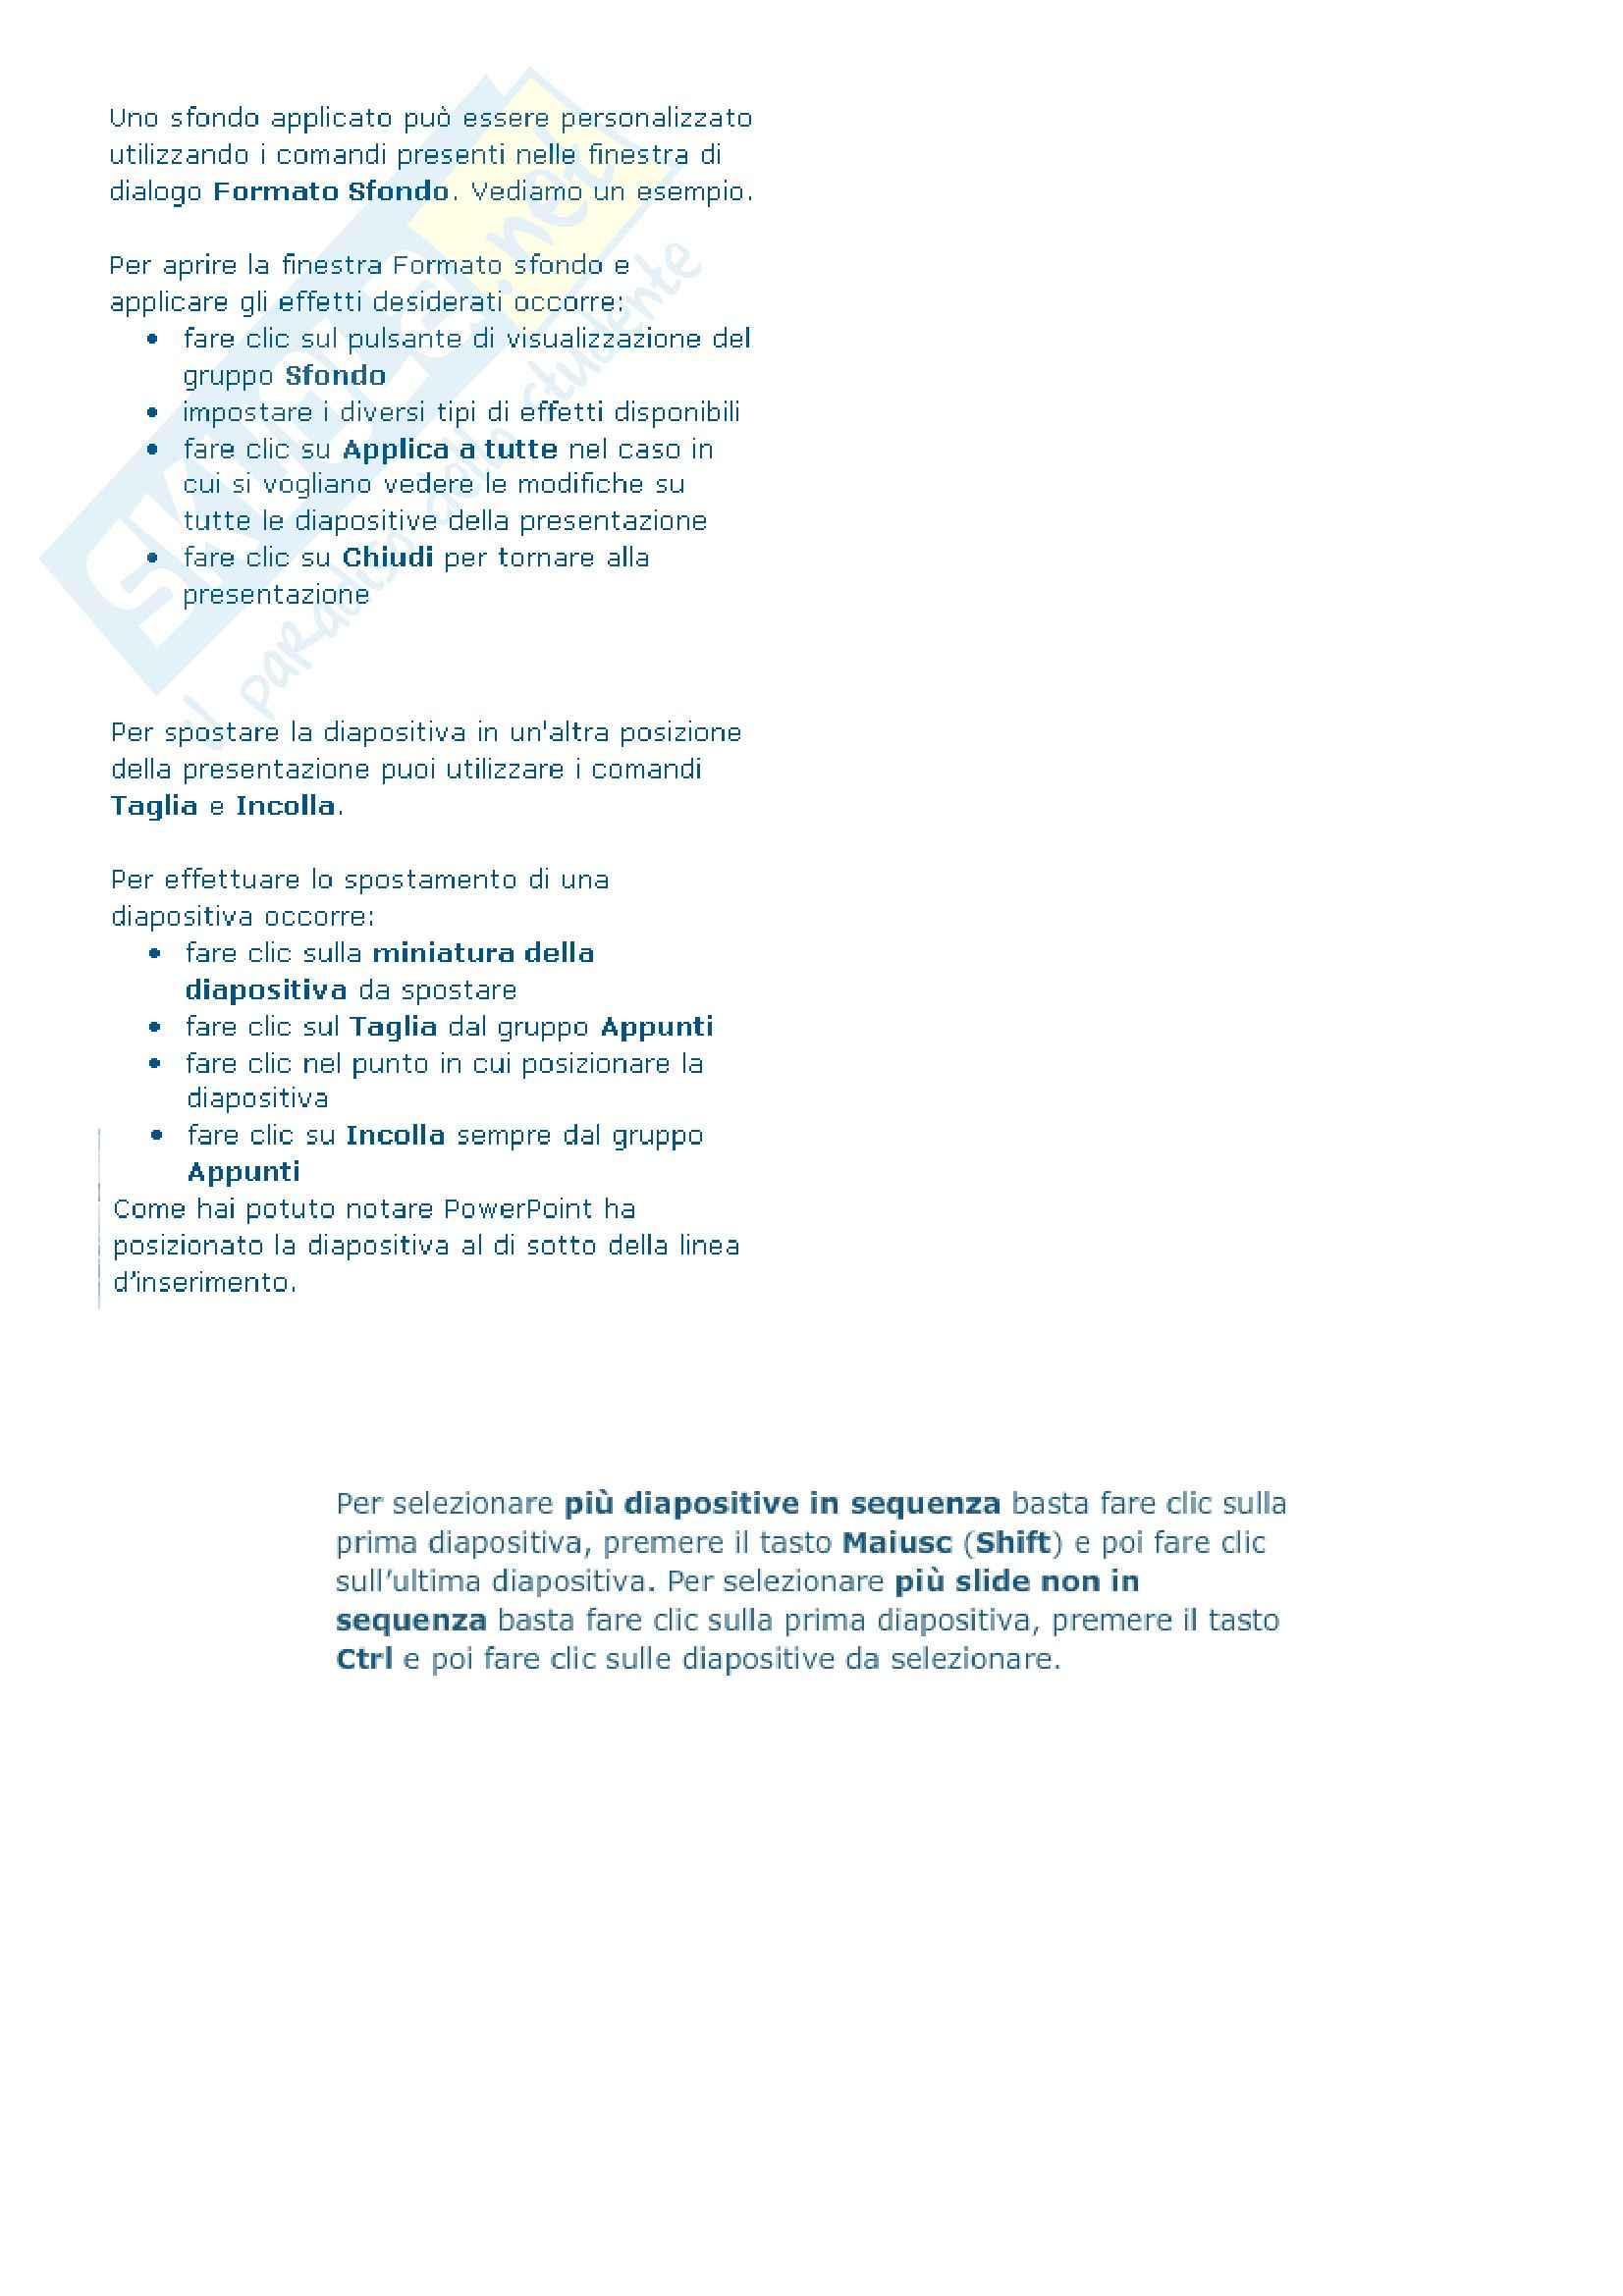 Ict e sistemi dell'informazione - Come presentare i dati in PowerPoint 2010 Pag. 26